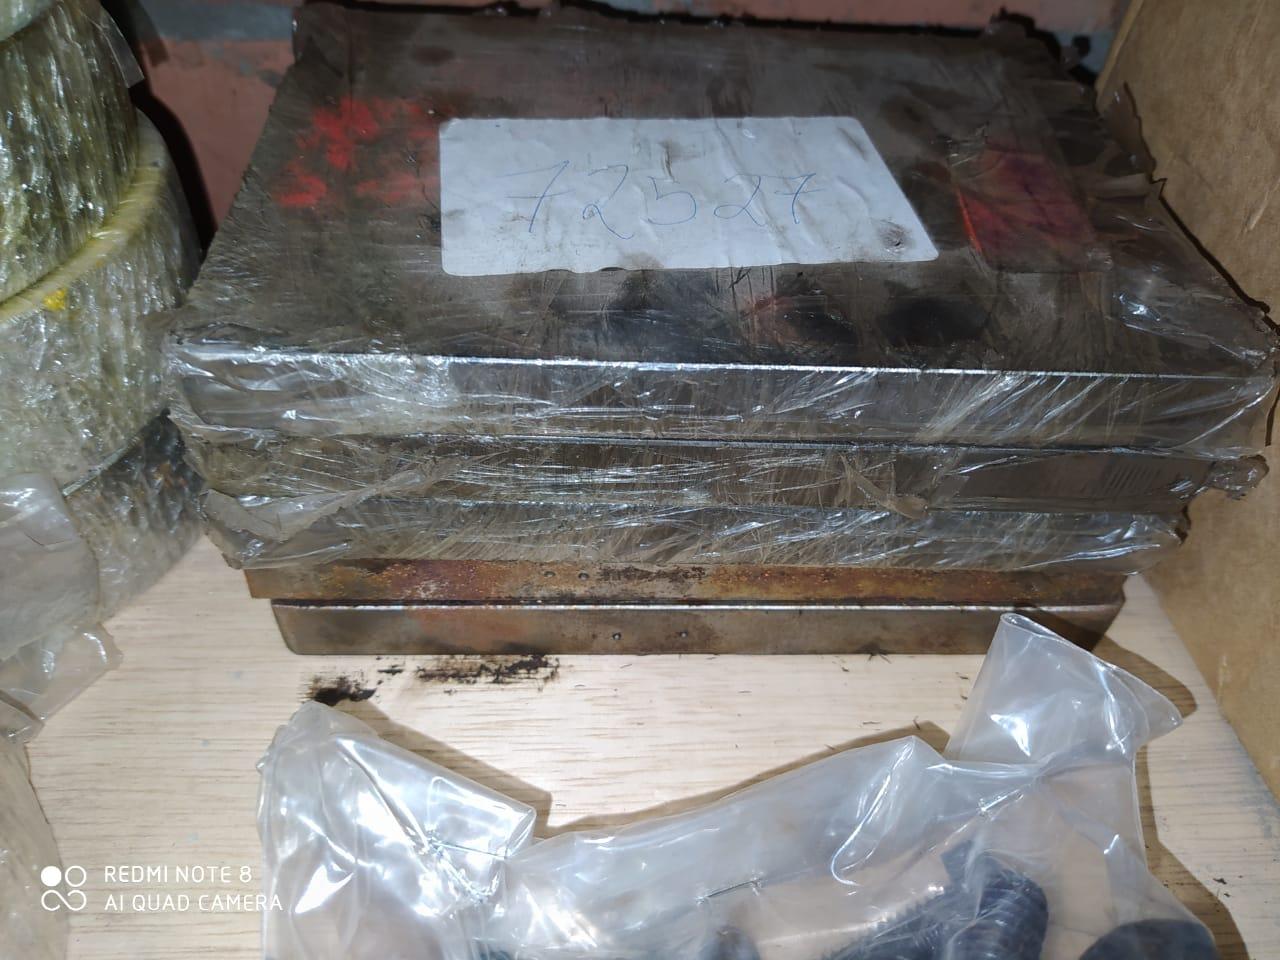 Calco do motor de vibracao banca socaria aprox. 5 unidades